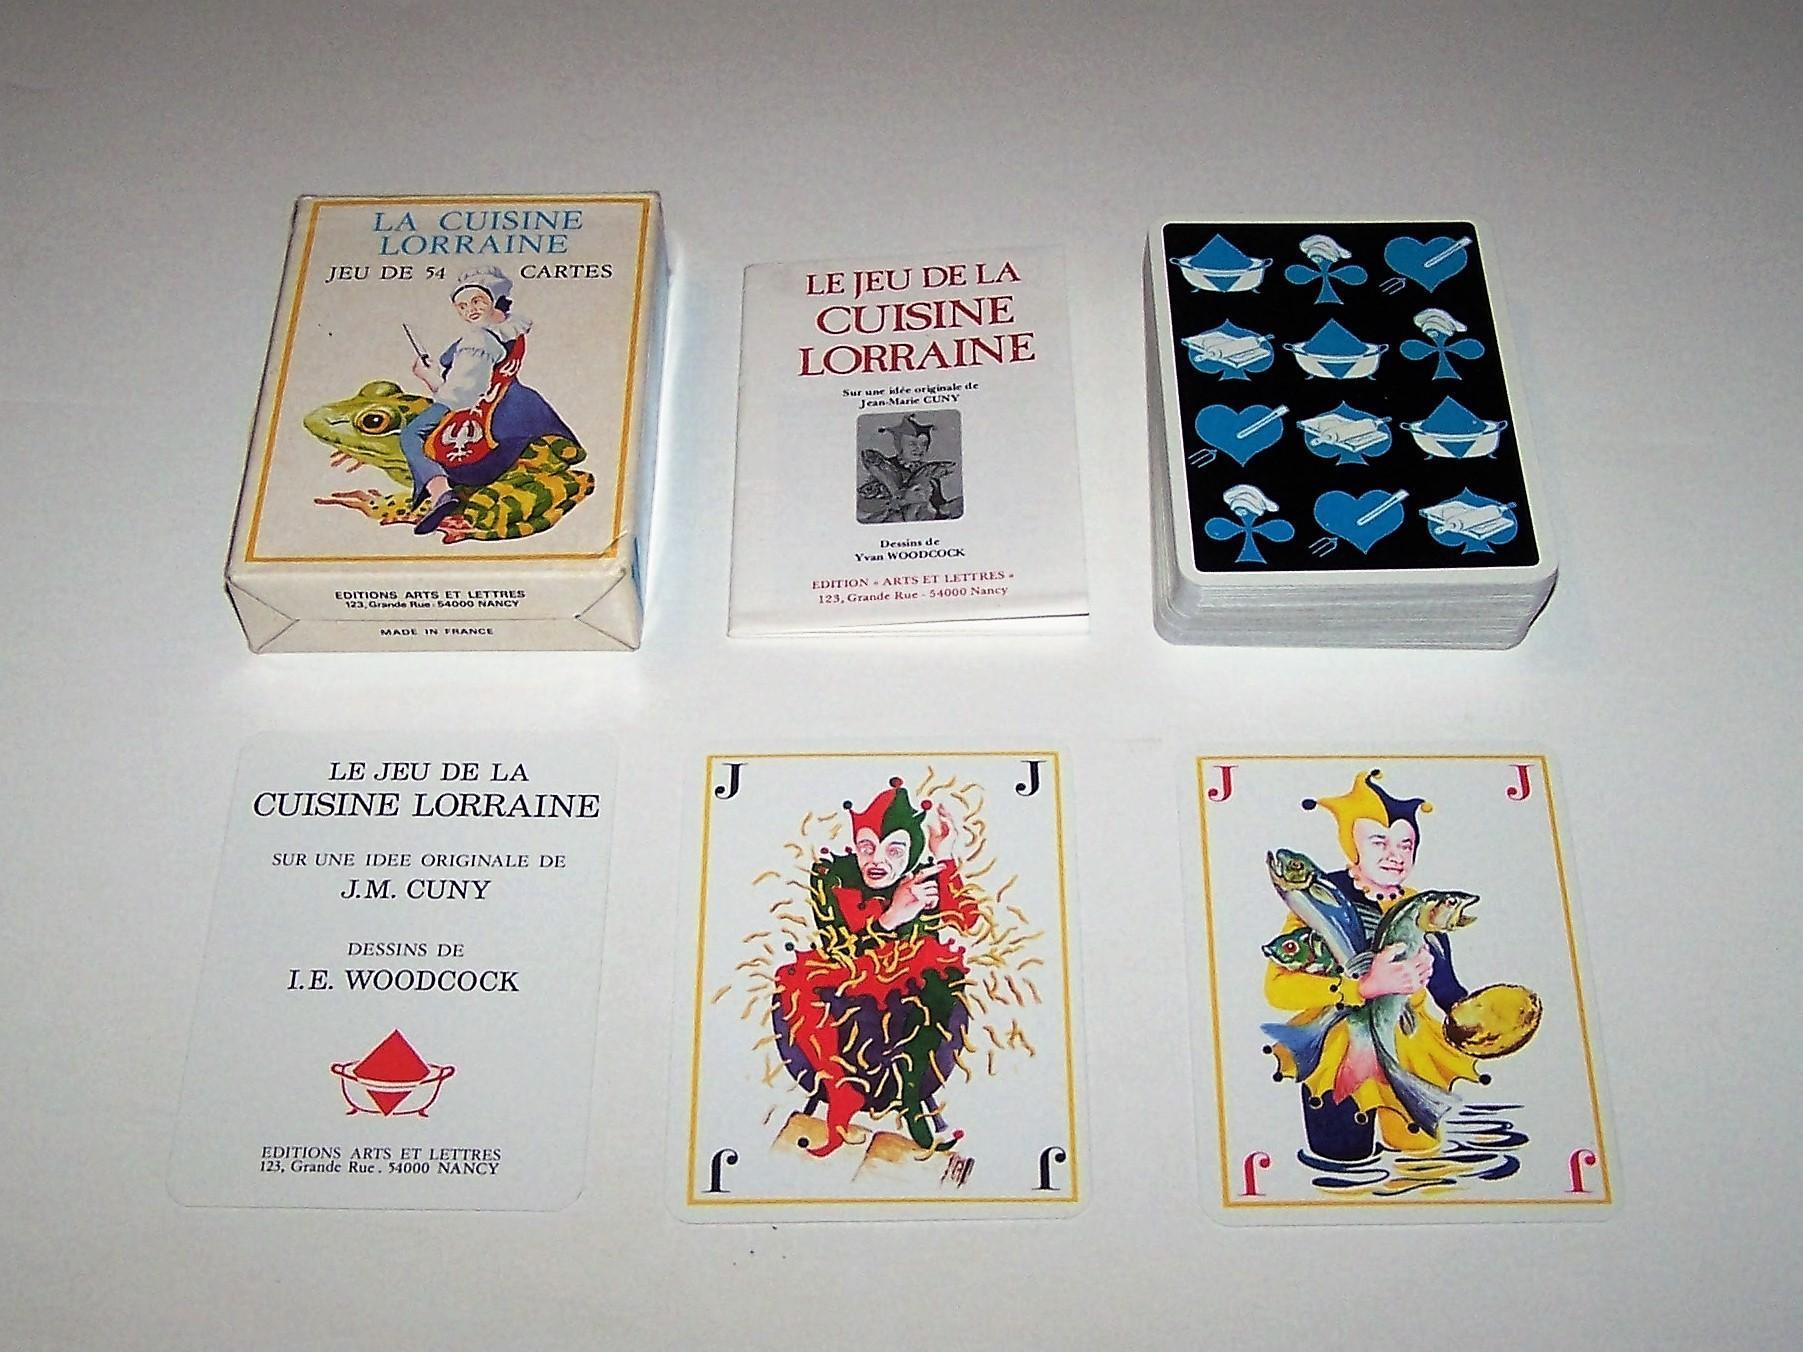 edition arts et lettres le jeu de la cuisine lorraine